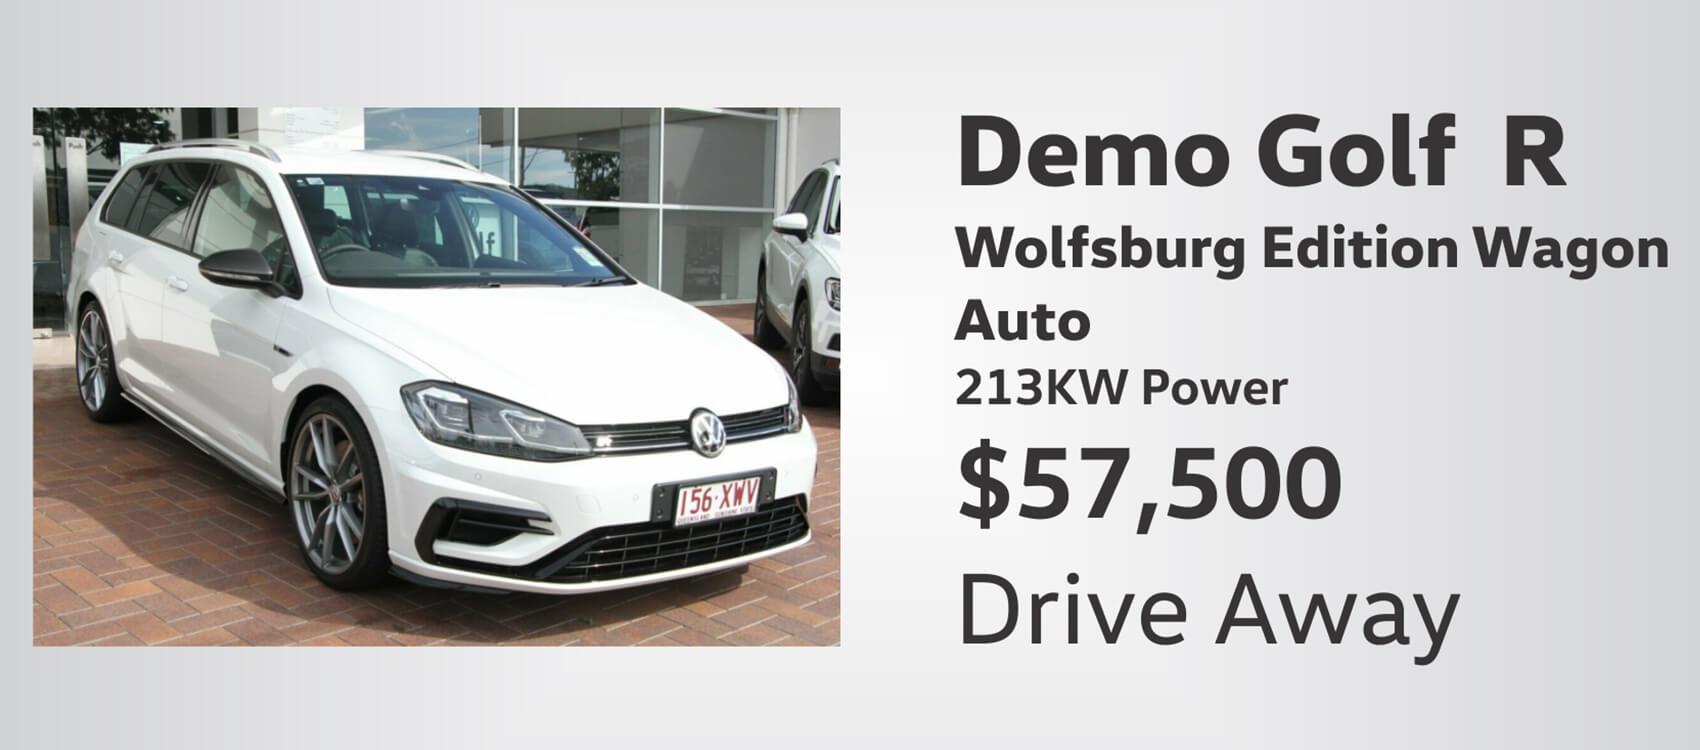 Volkswagen Dealer Ipswich Brisbane Ipswich Volkswagen